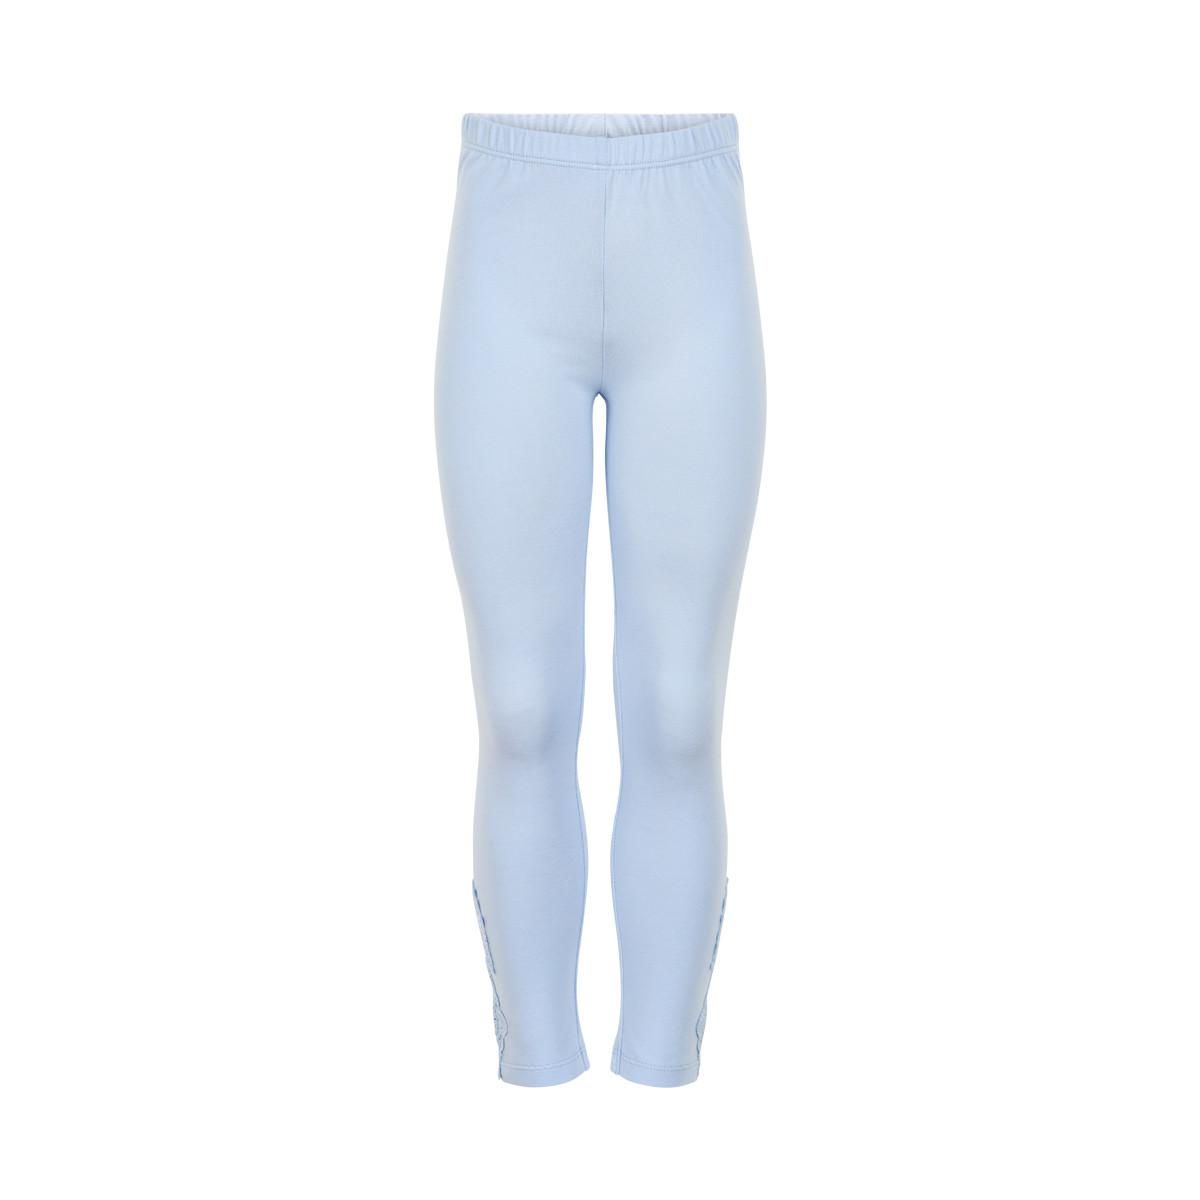 Creamie   Leggings Lace 3/4   4-14y   821141-7749